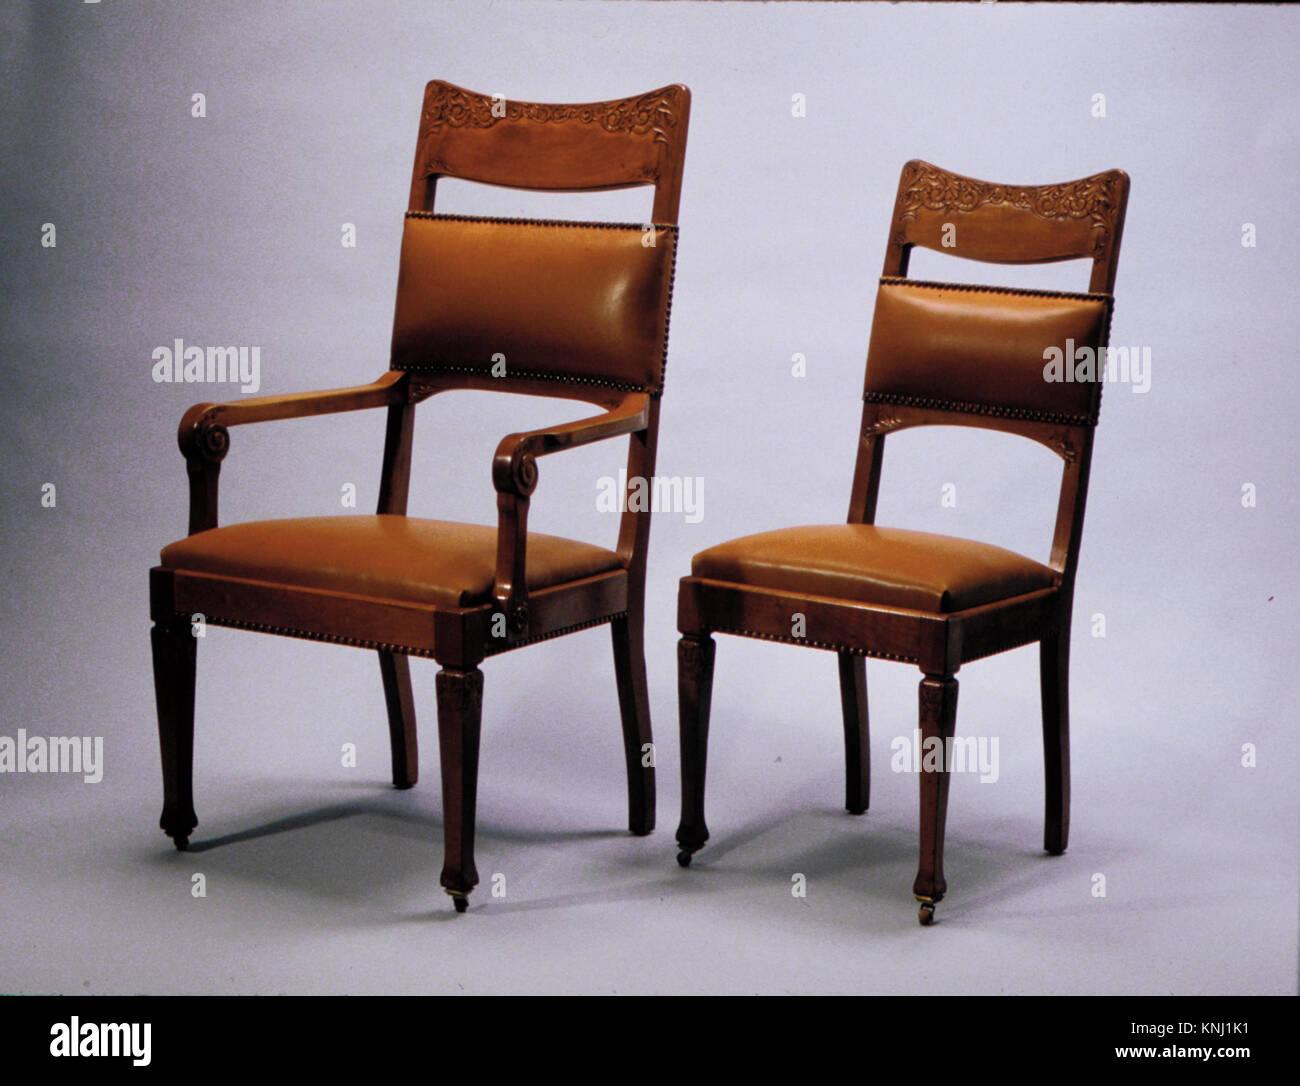 5 1 1968 stockfotos 5 1 1968 bilder alamy for Sessel 18 jahrhundert